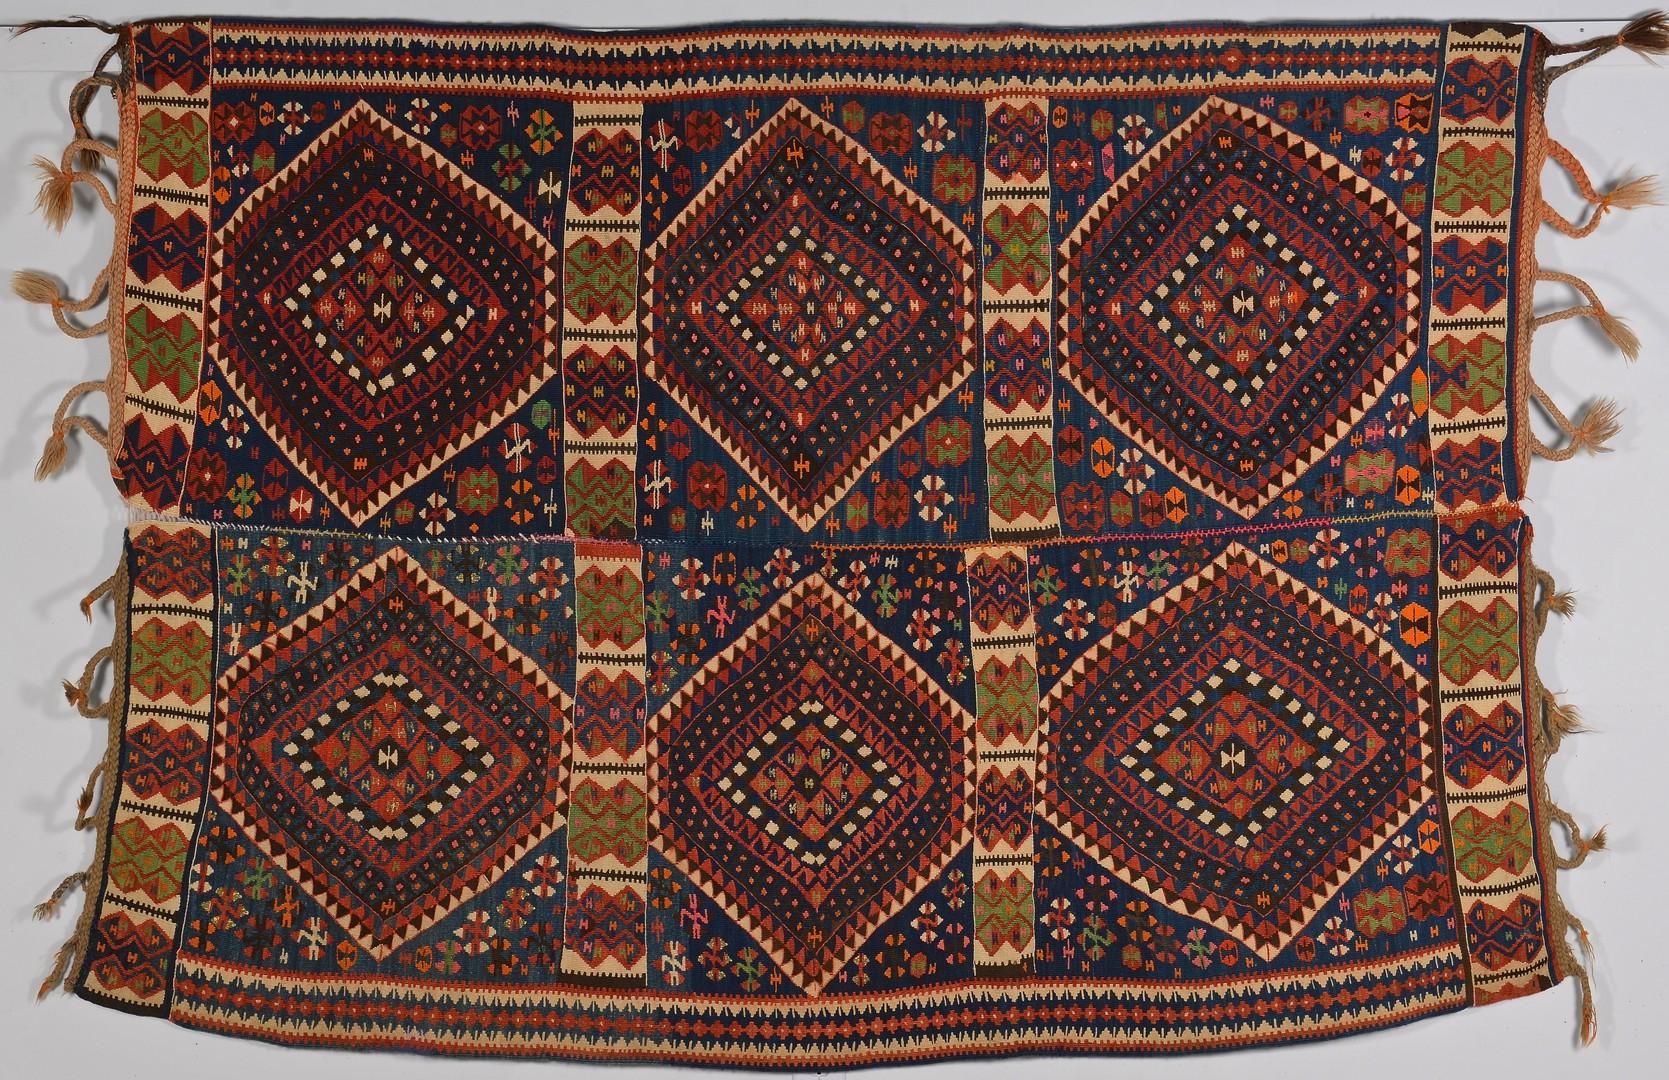 Lot 259: Antique Turkish Yoruk Kilim w/ metallic threads, c